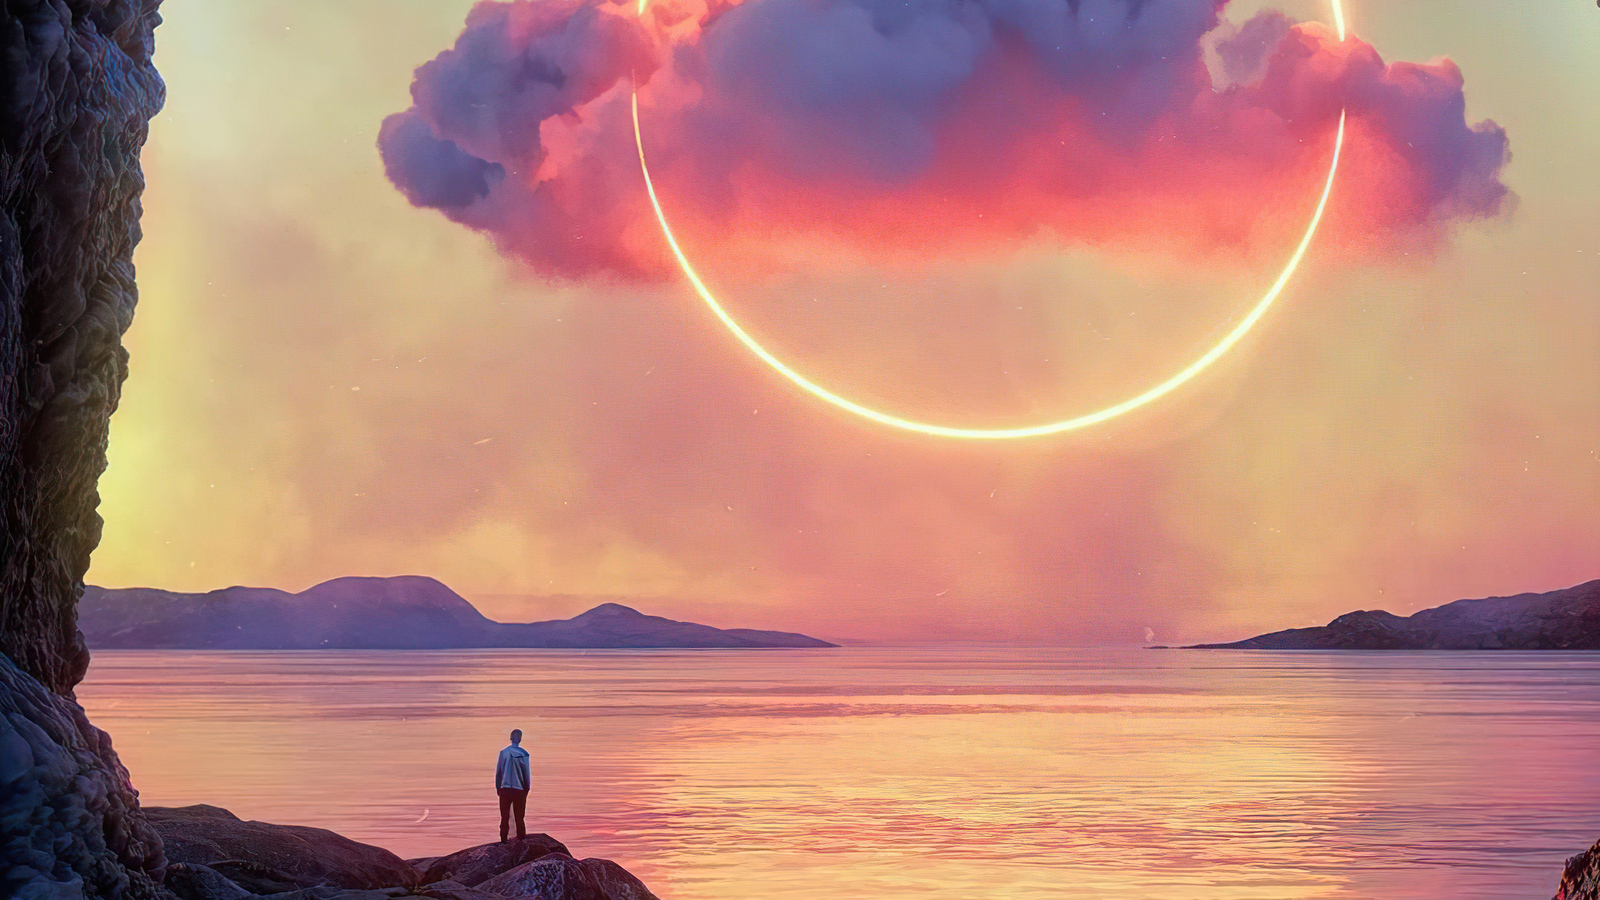 watching-the-sunrise-4k-um.jpg